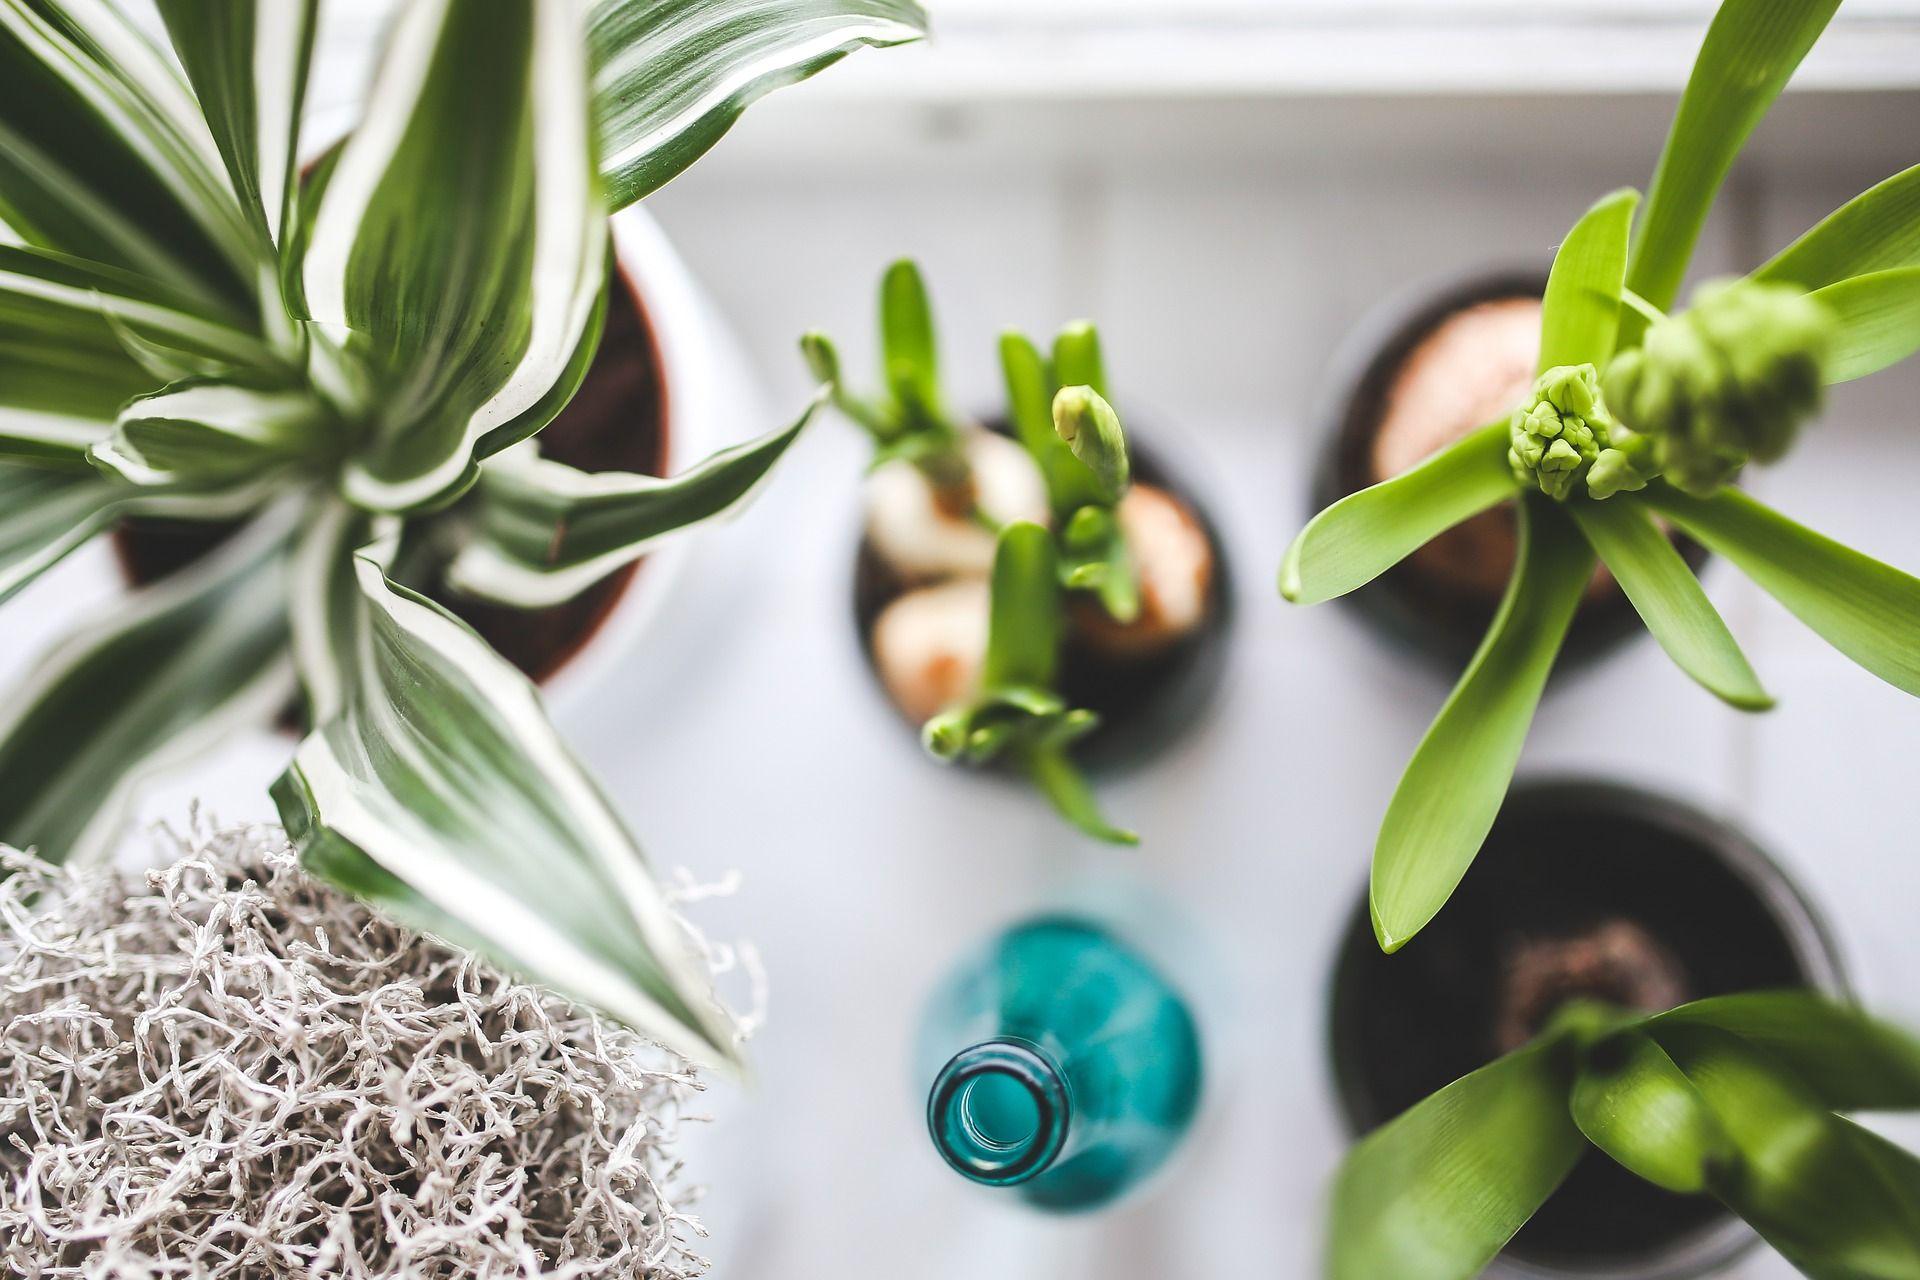 Pianta Da Ufficio Poca Luce piante per la casa: 8 tipologie da avere per migliorare